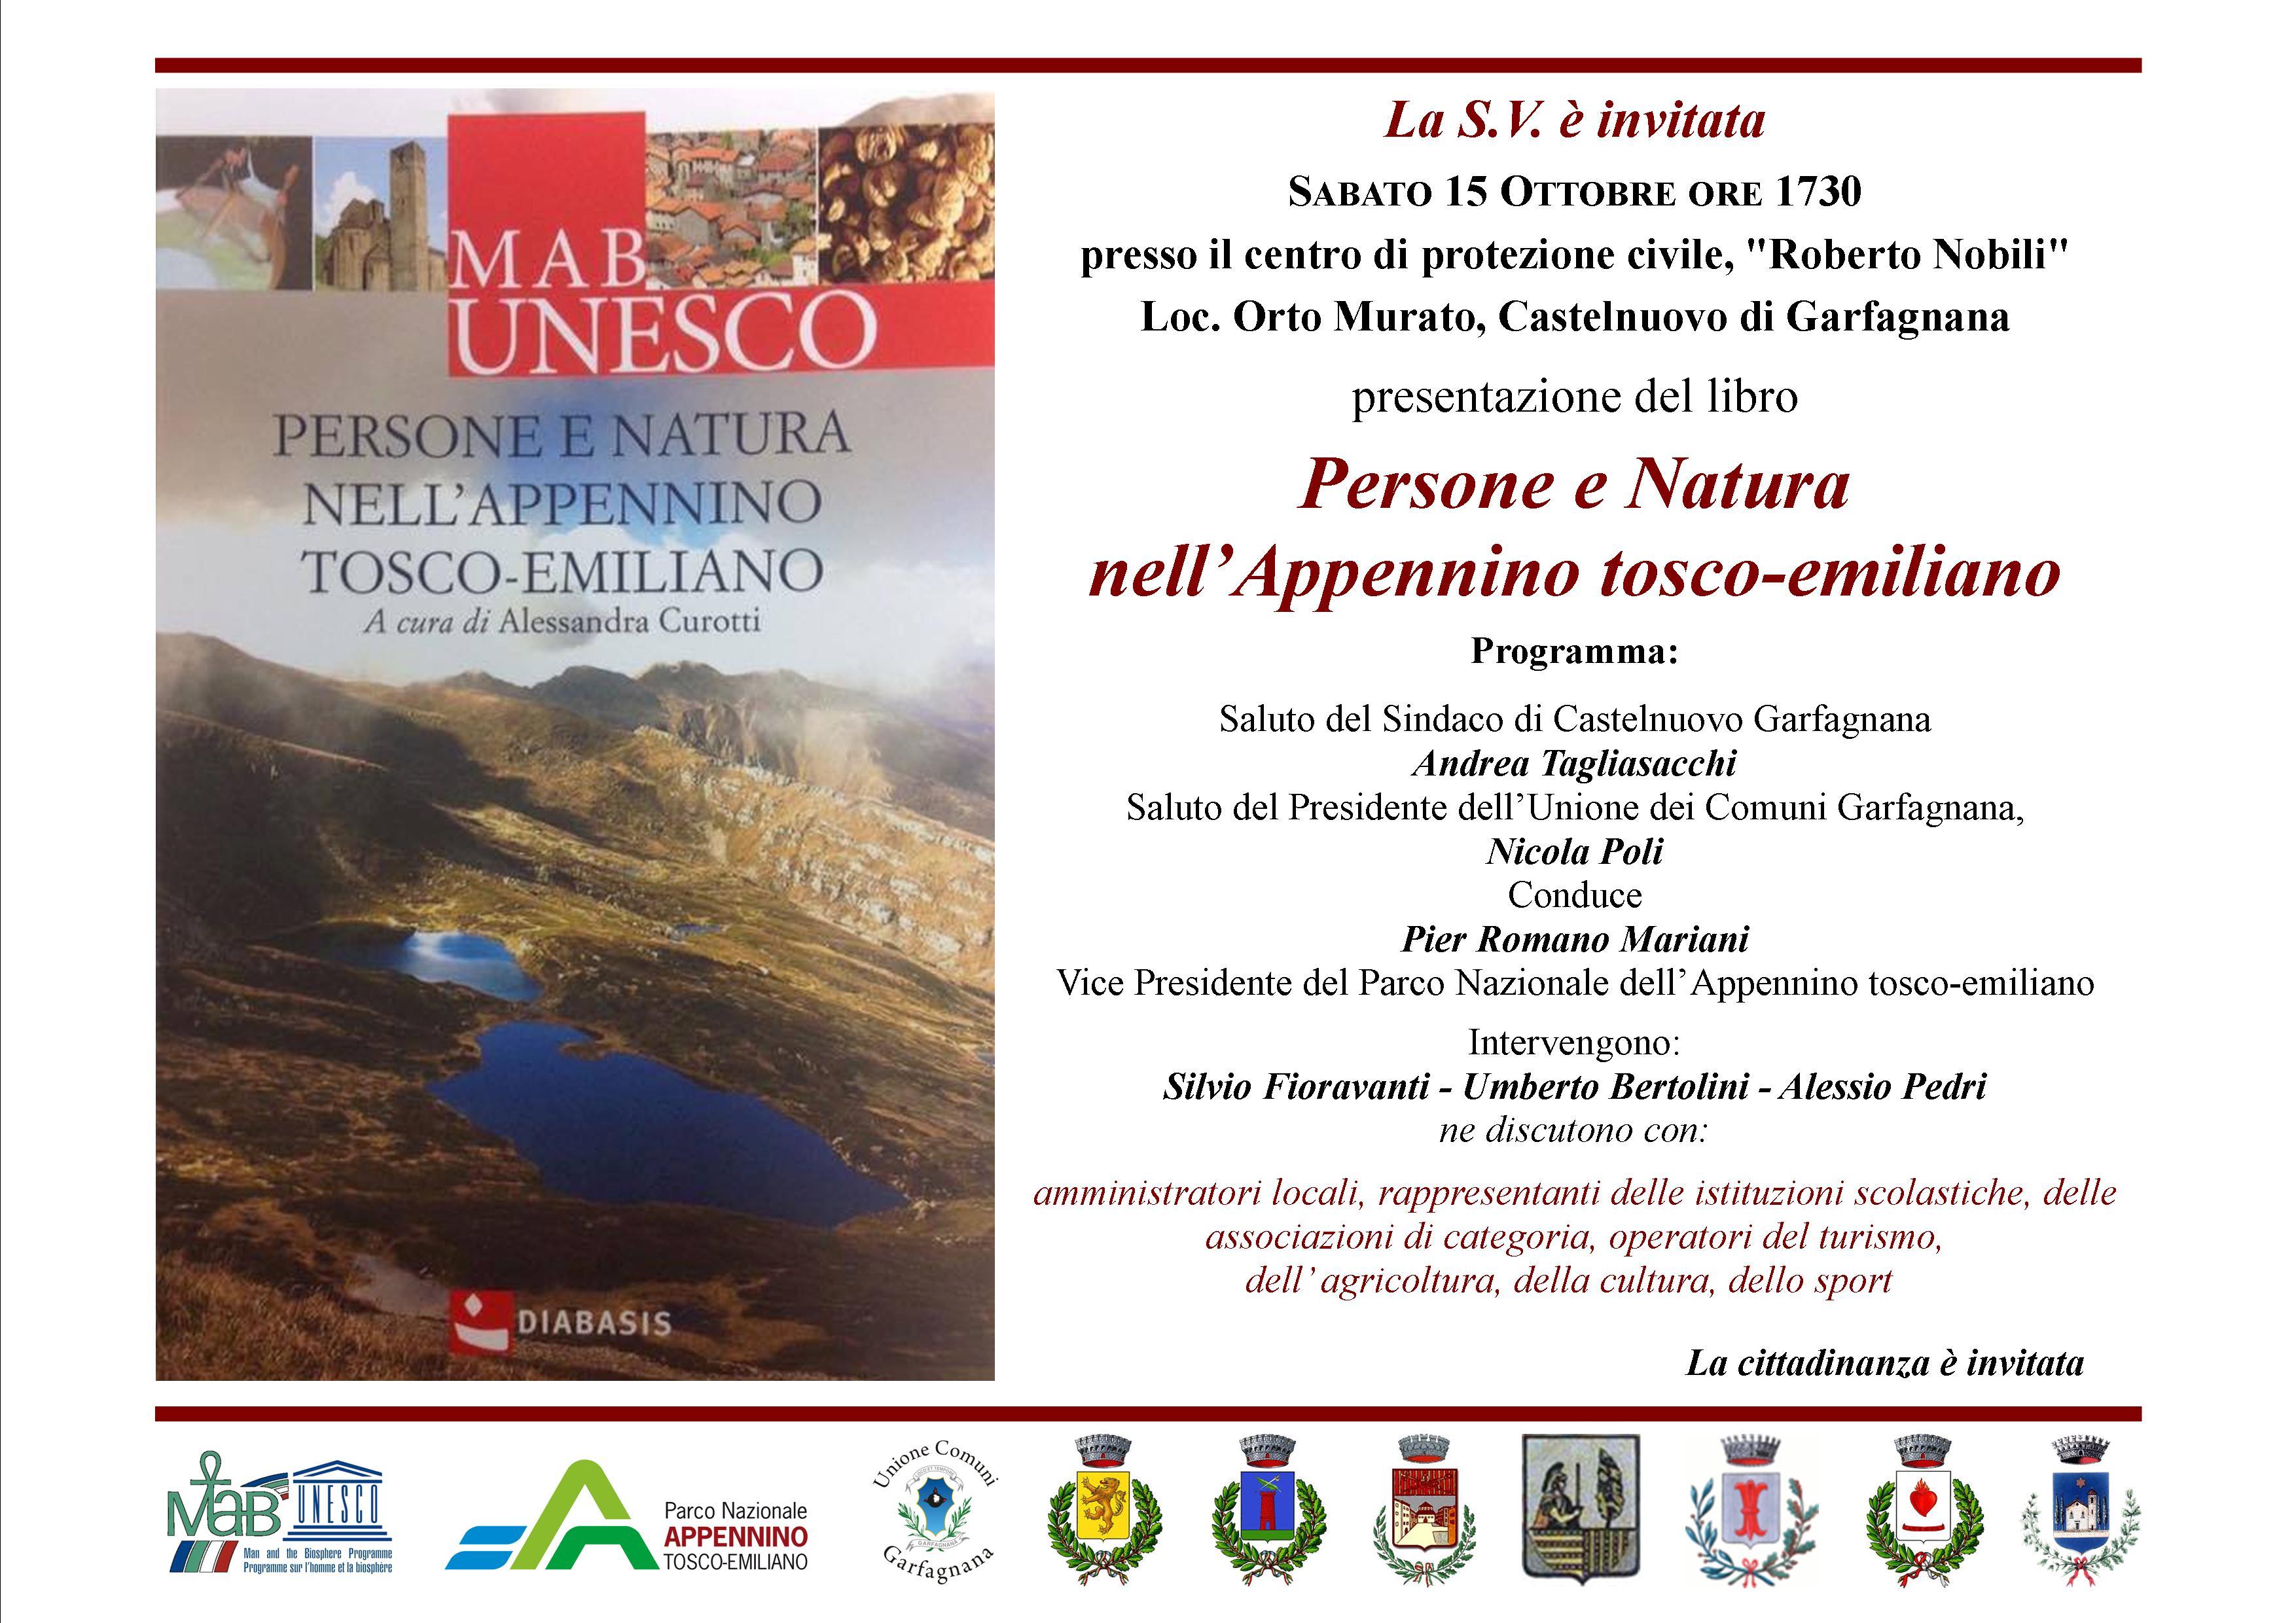 Invito Sabato 15 Persone e Natura MAB Unesco